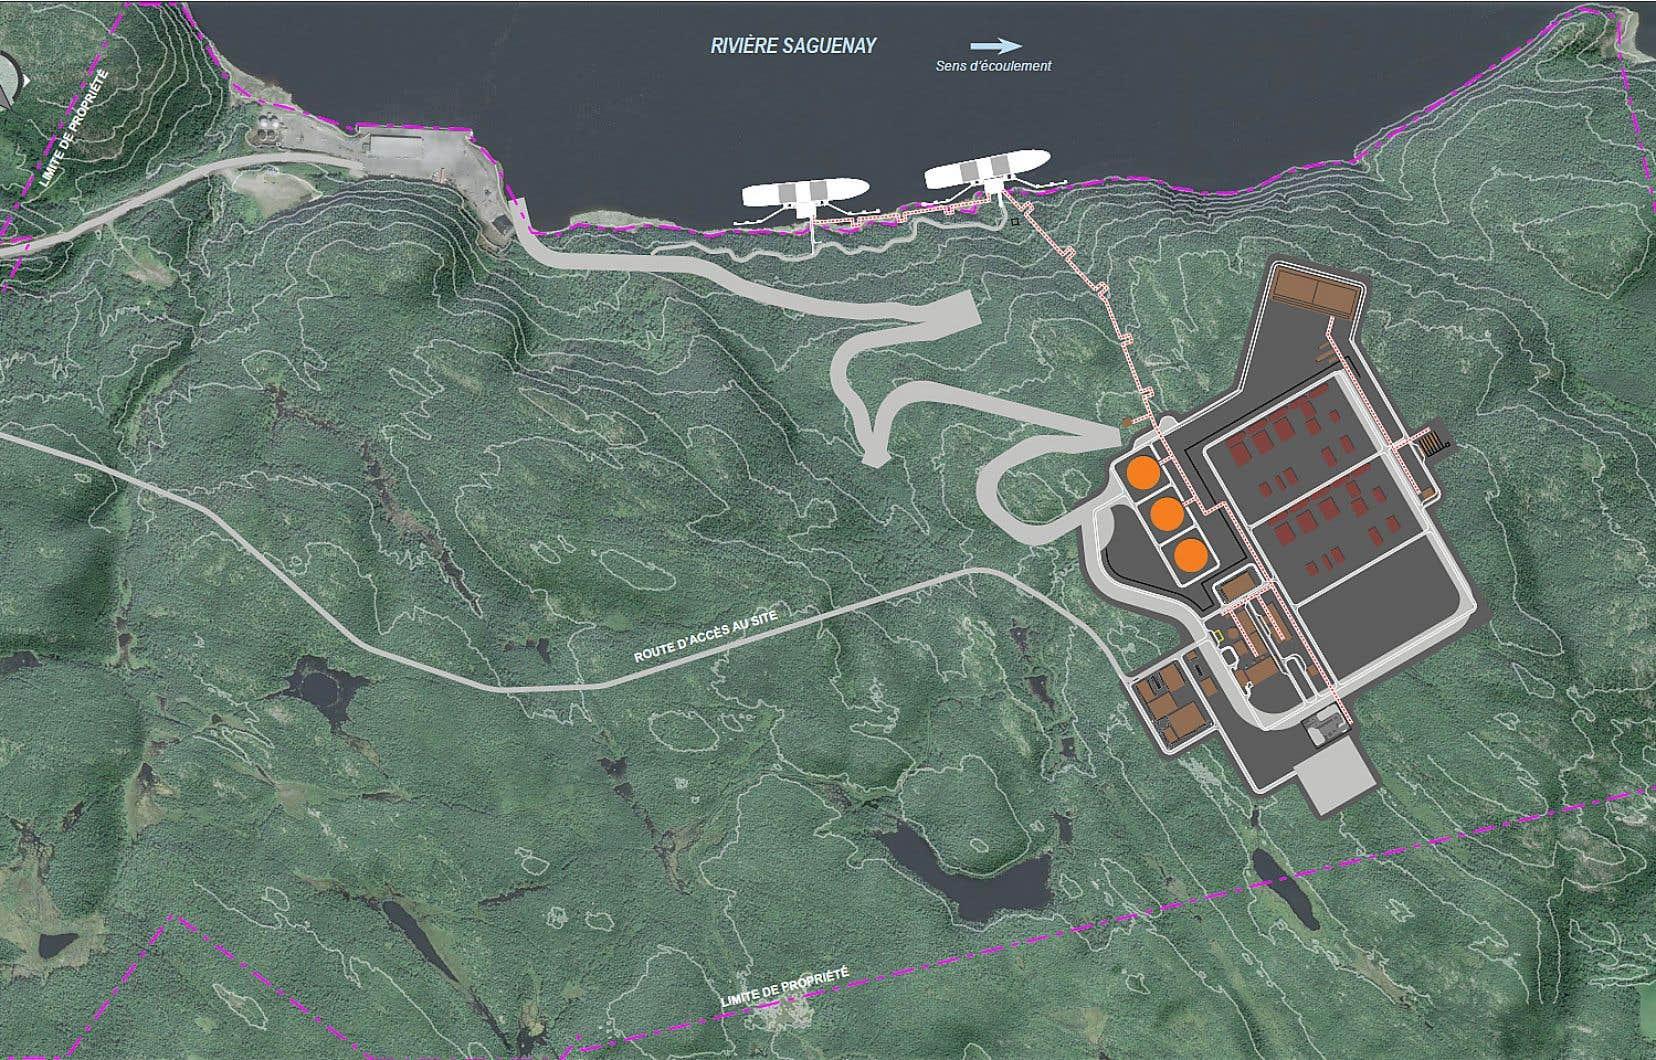 Le projet d'usine est situé sur un terrain appartenant à l'administration portuaire de Saguenay.